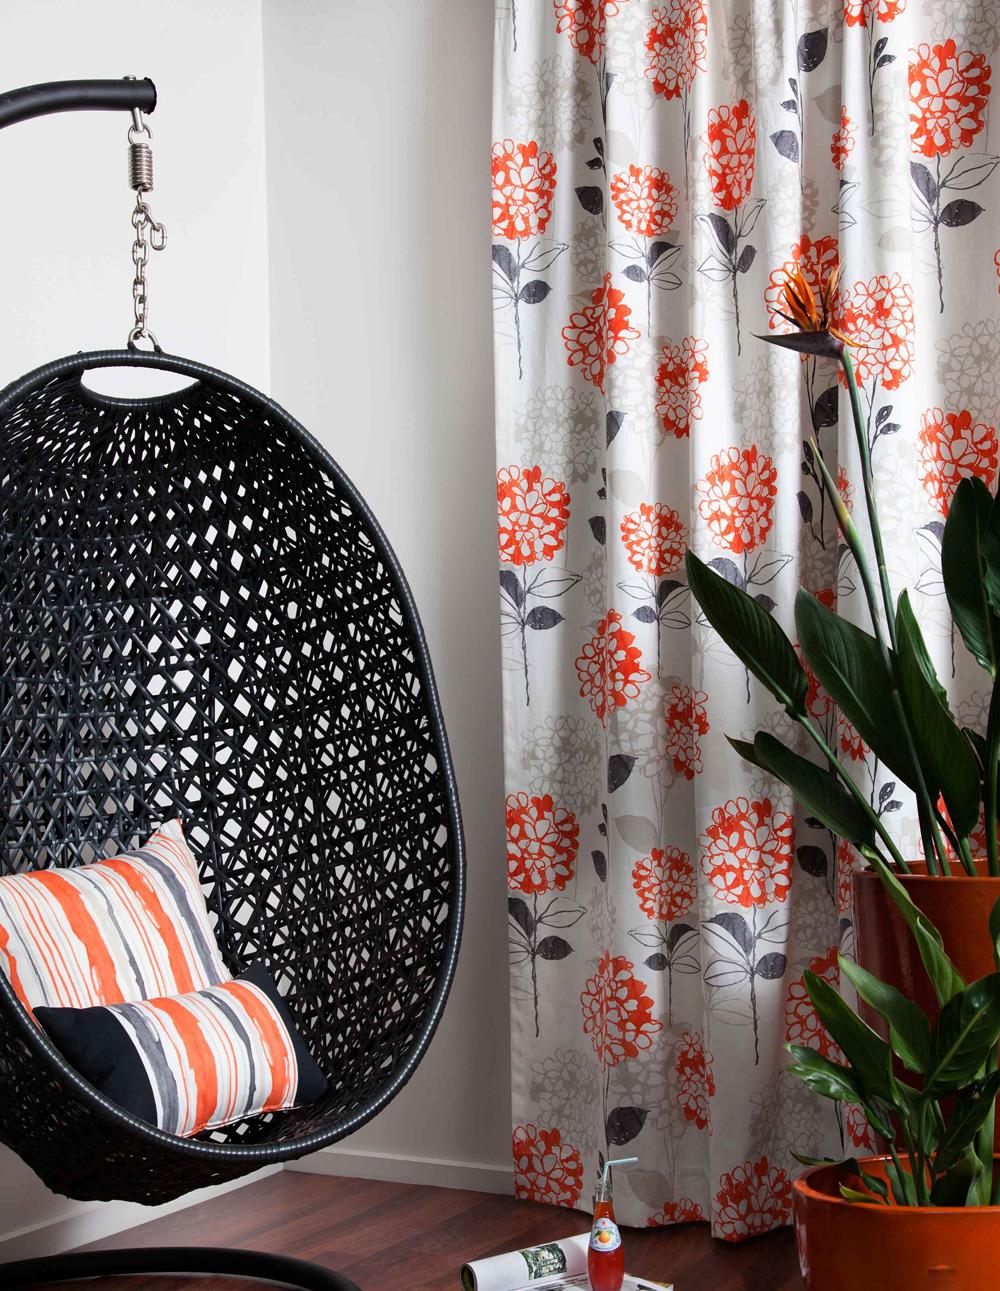 Debele zavese tamnih boja sprečavaju ulazak viška toplote